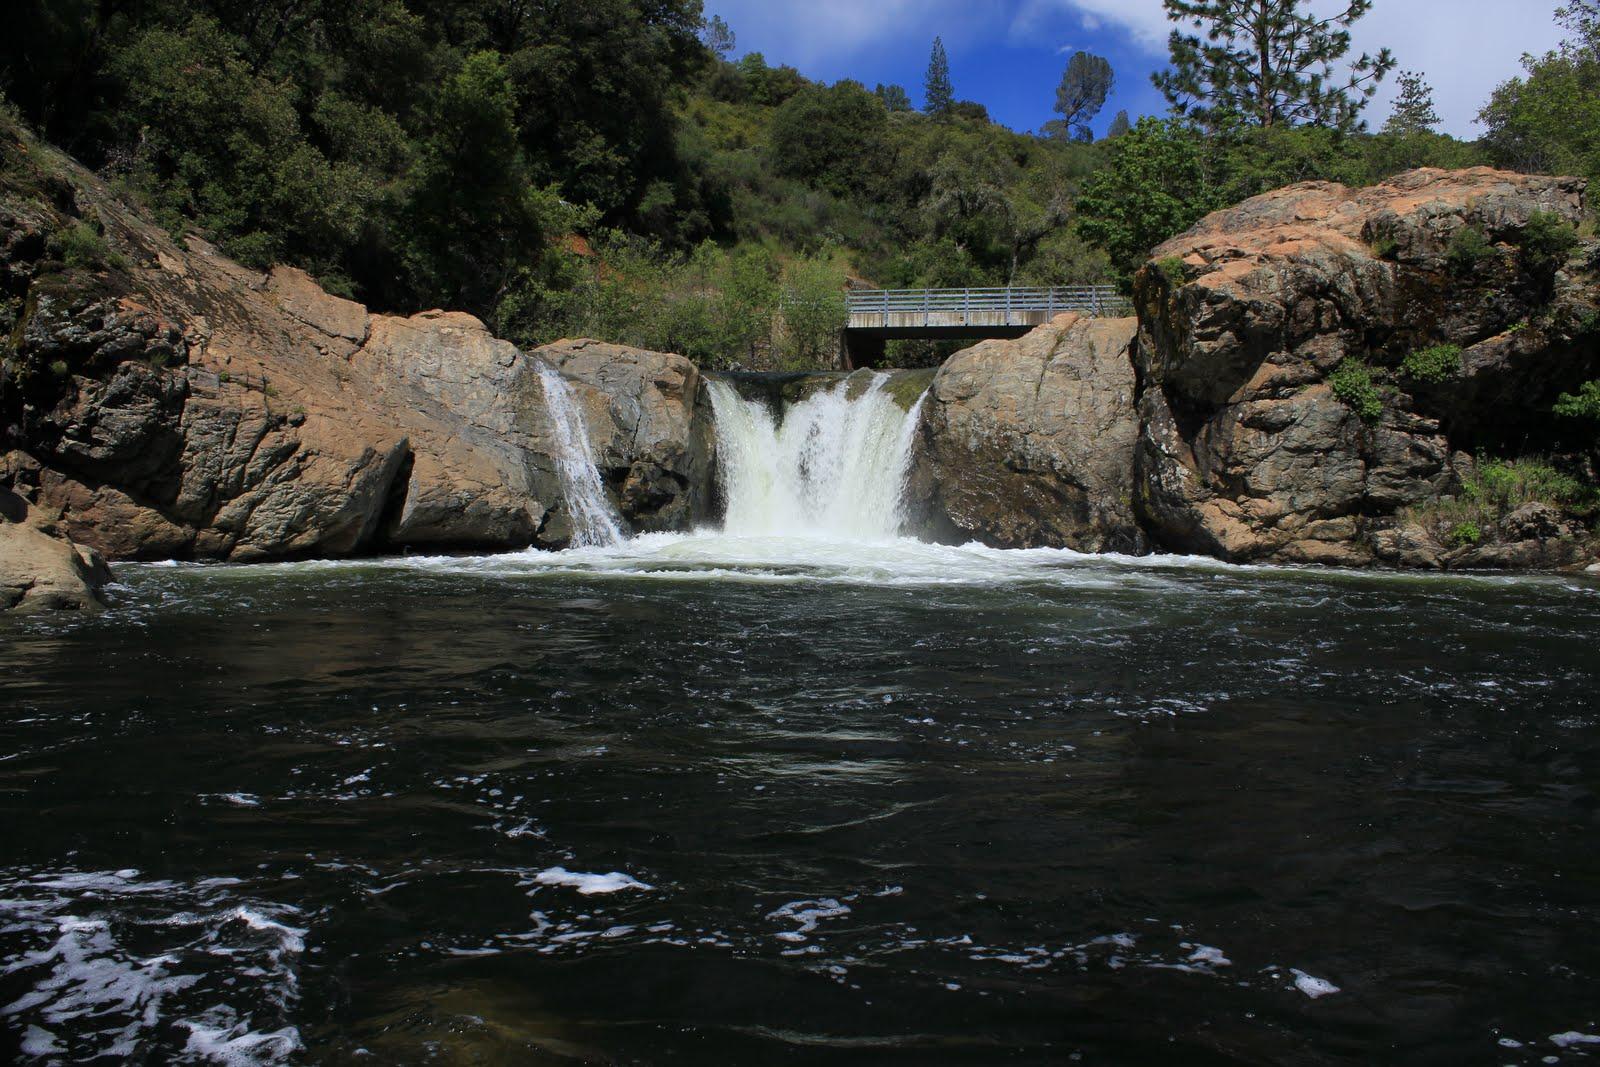 swimming holes of california rainbow falls pools tuolumne classic